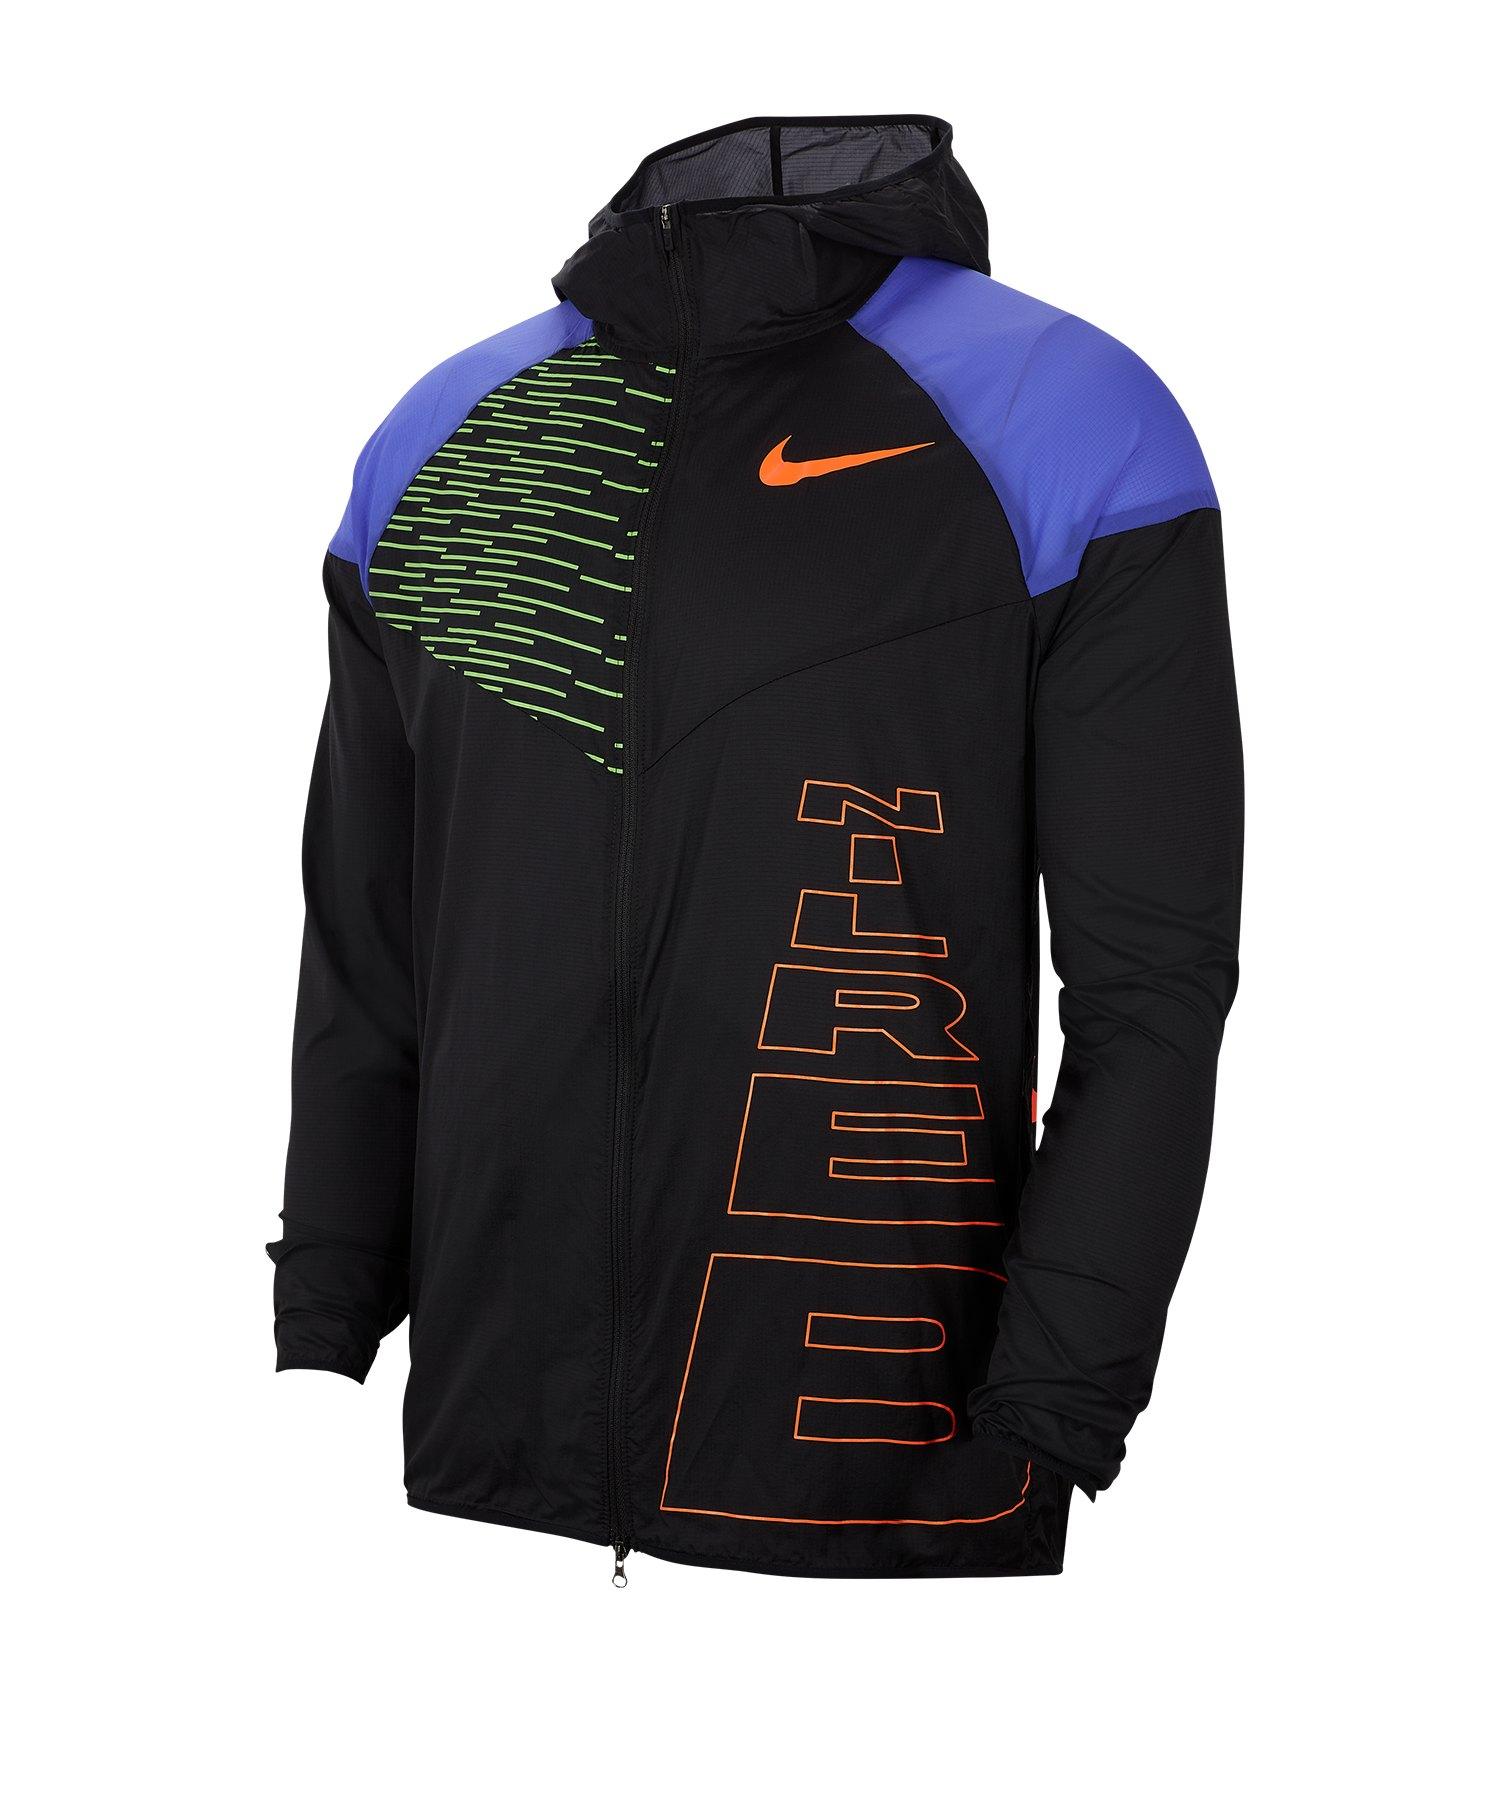 Nike Windrunner Jacke Running Schwarz F010 - schwarz